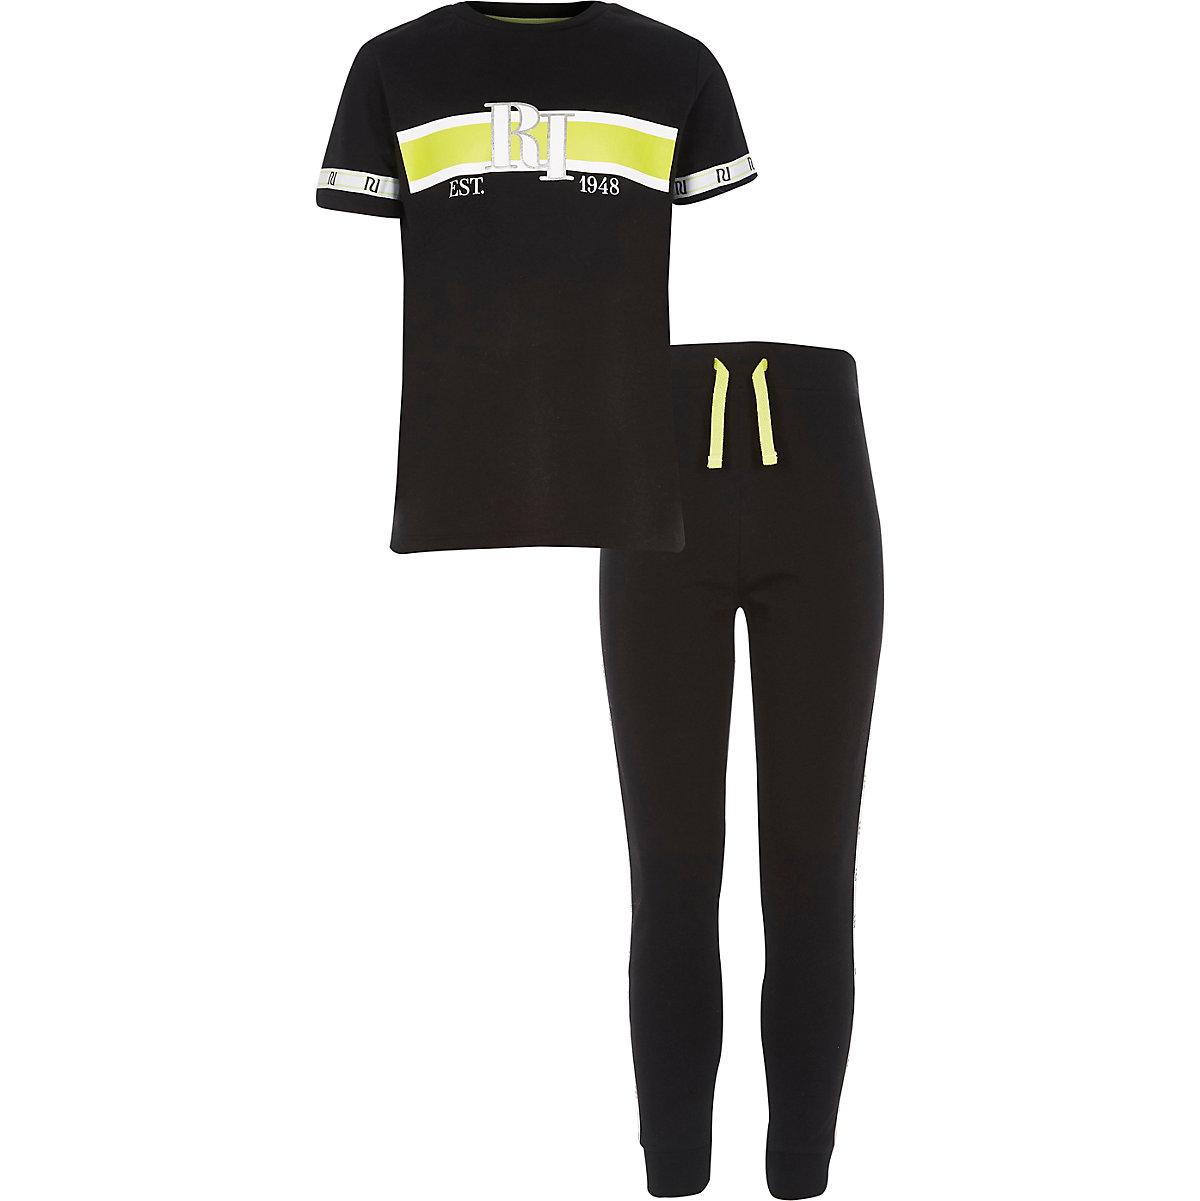 Schwarzes Pyjama-Set